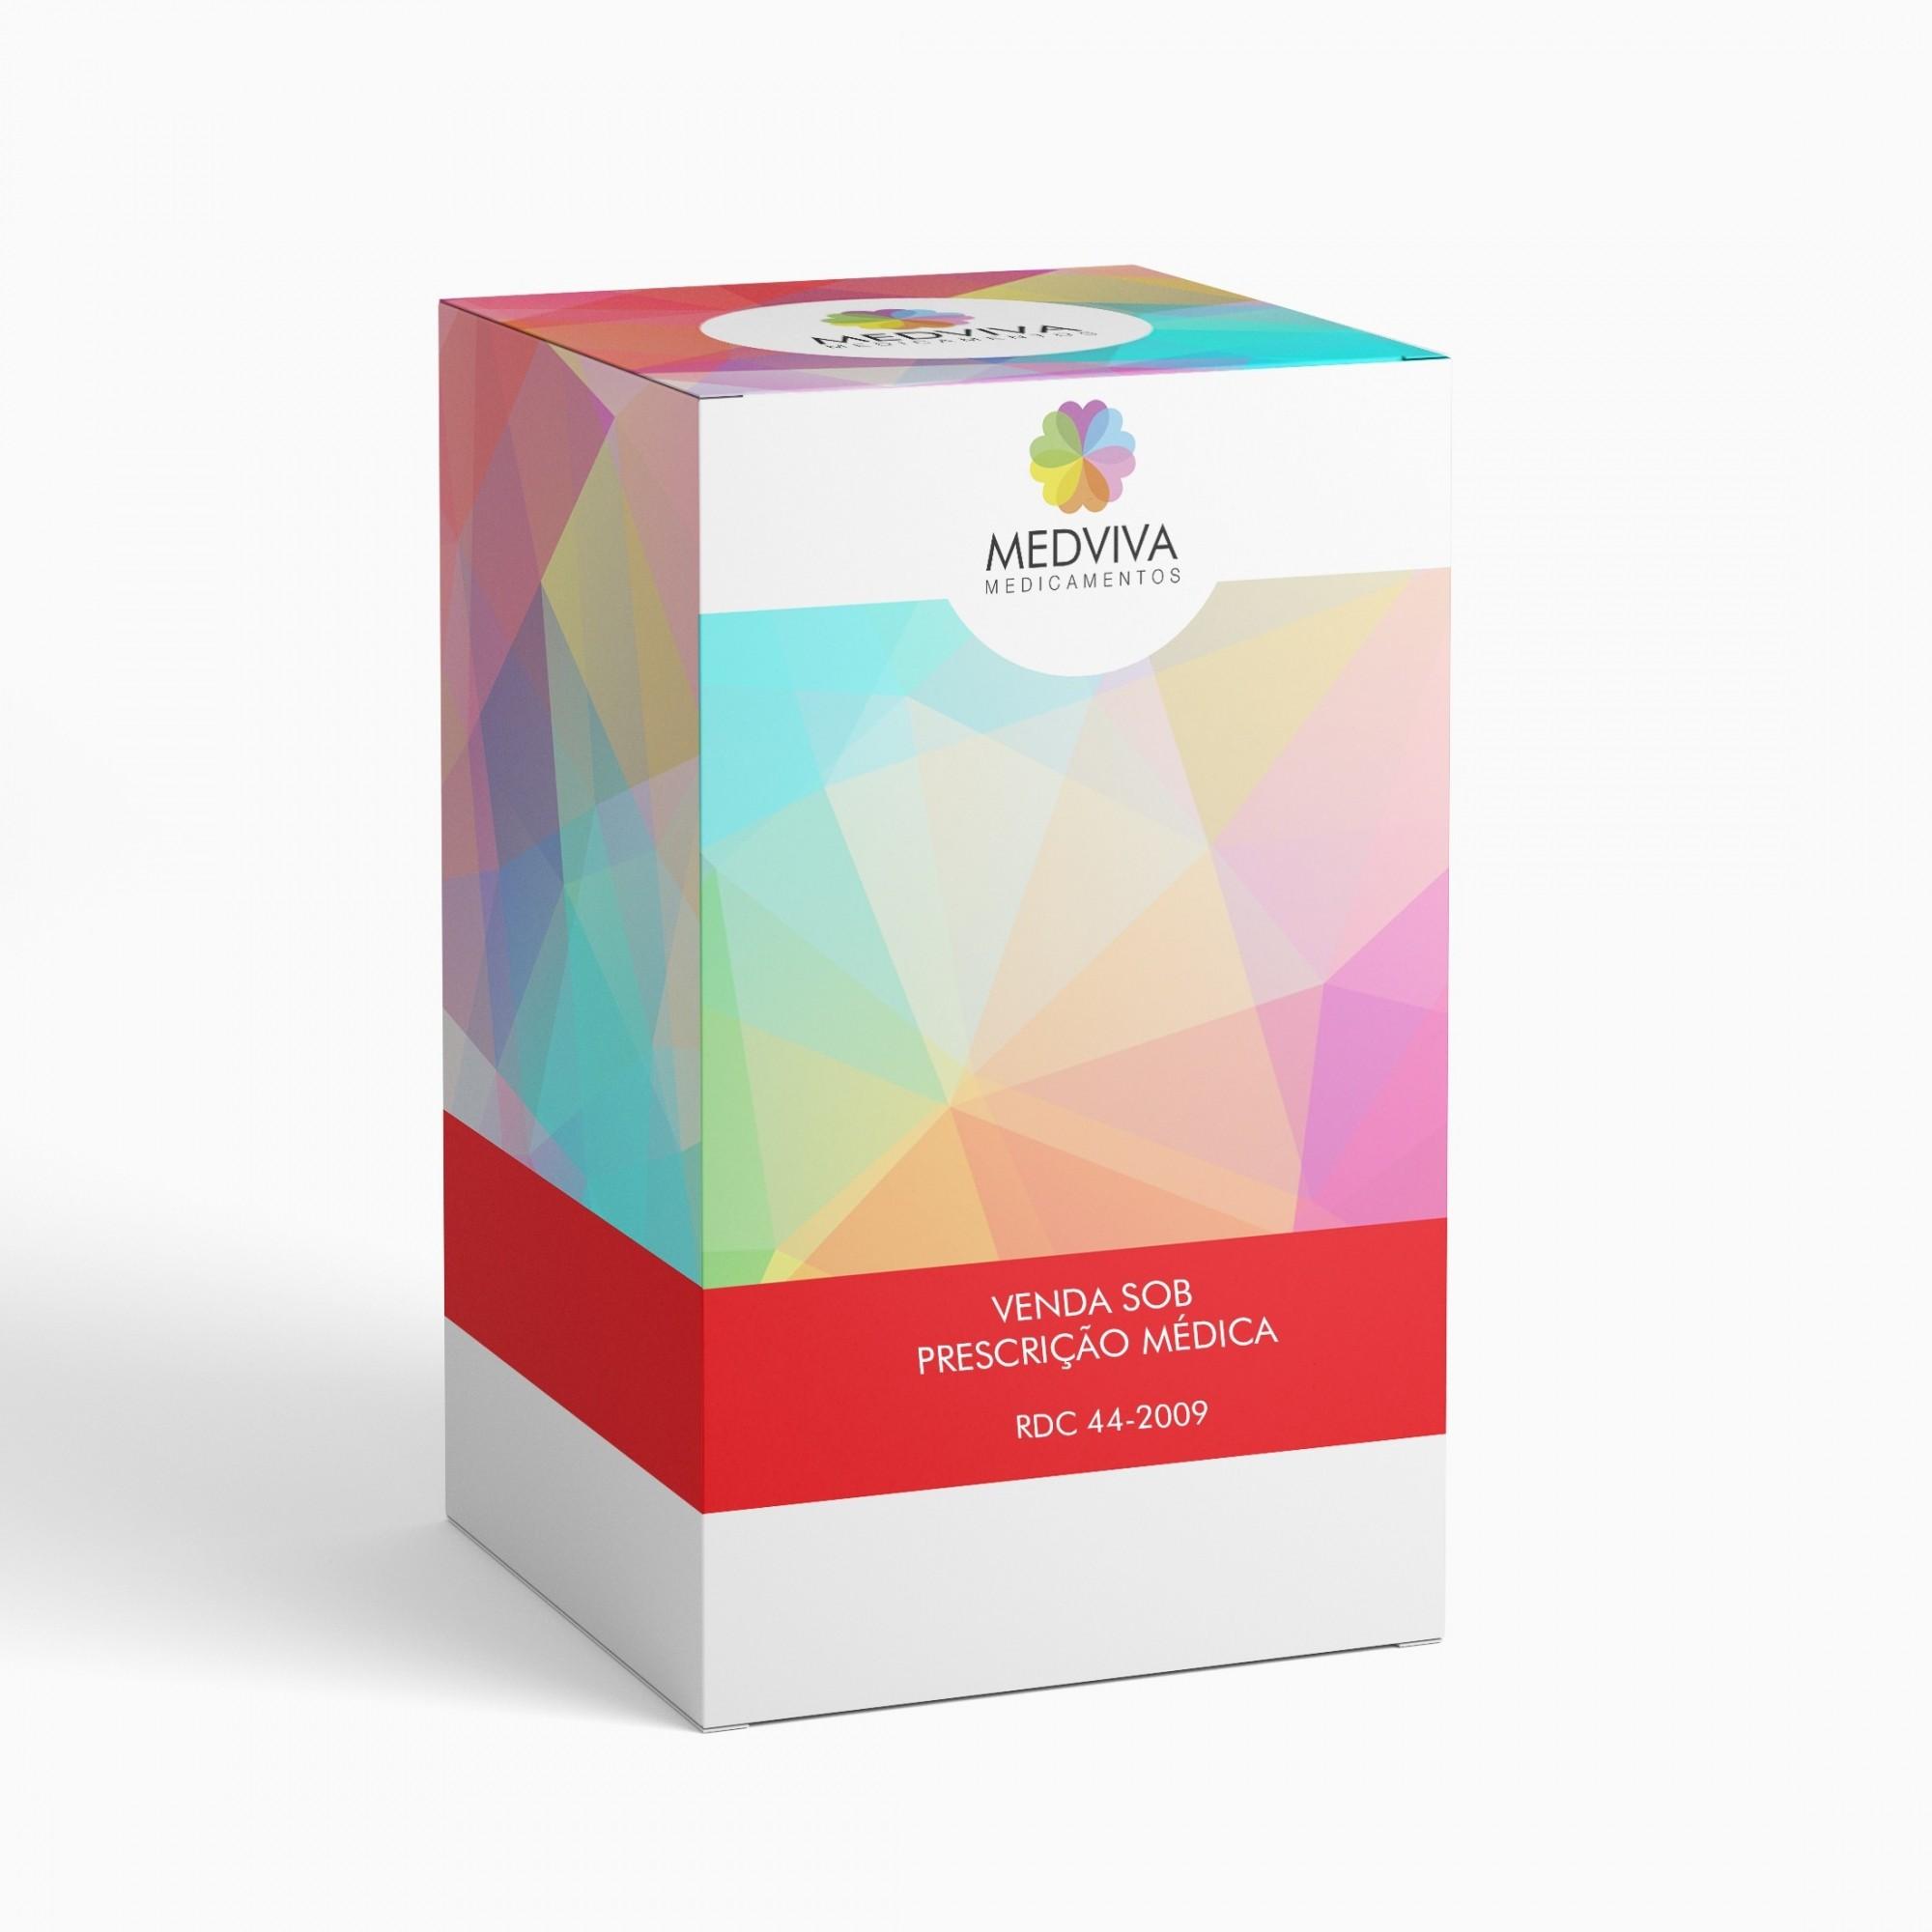 Rosuvastatina Cálcica 5mg 30 Comprimidos EMS